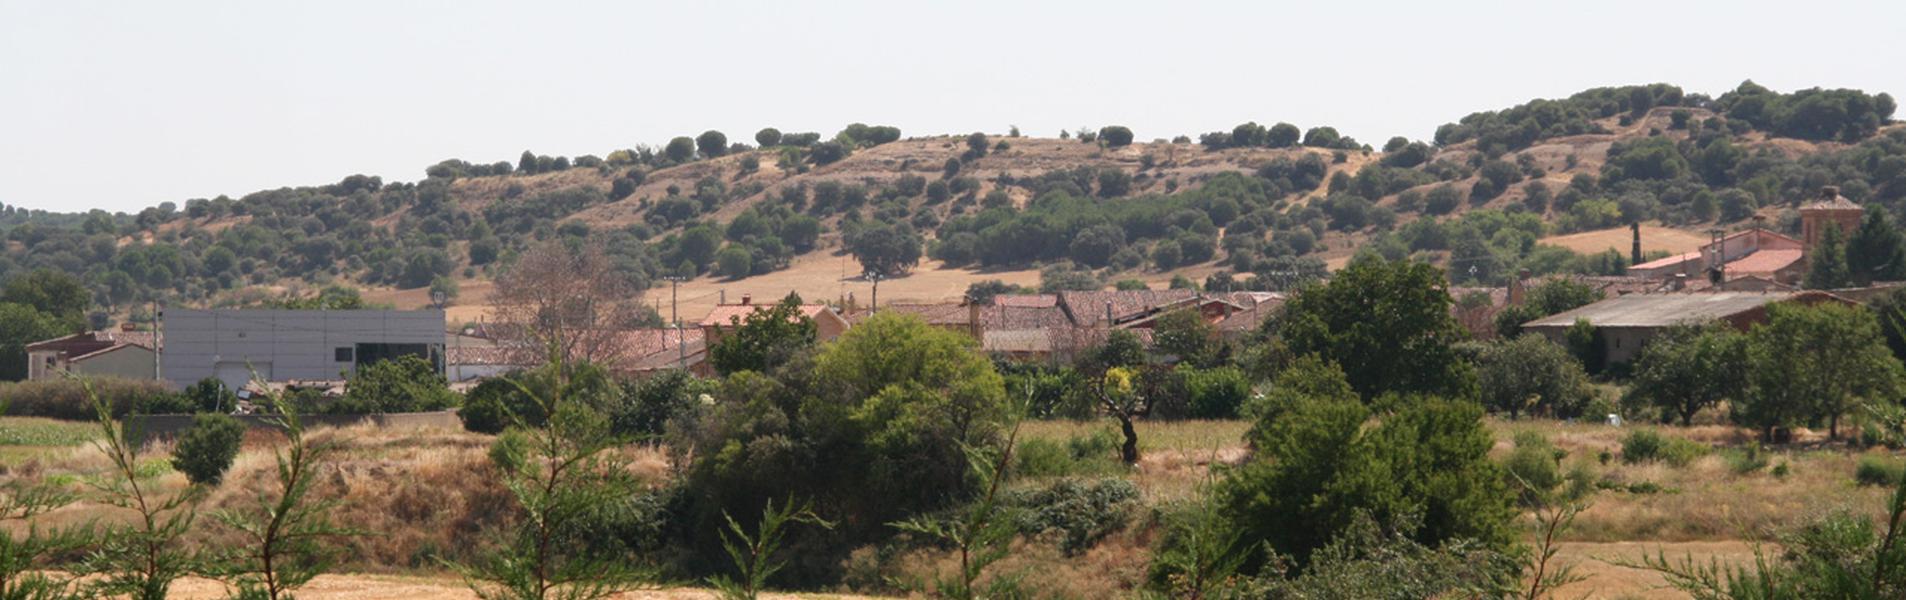 Peleagonzalo